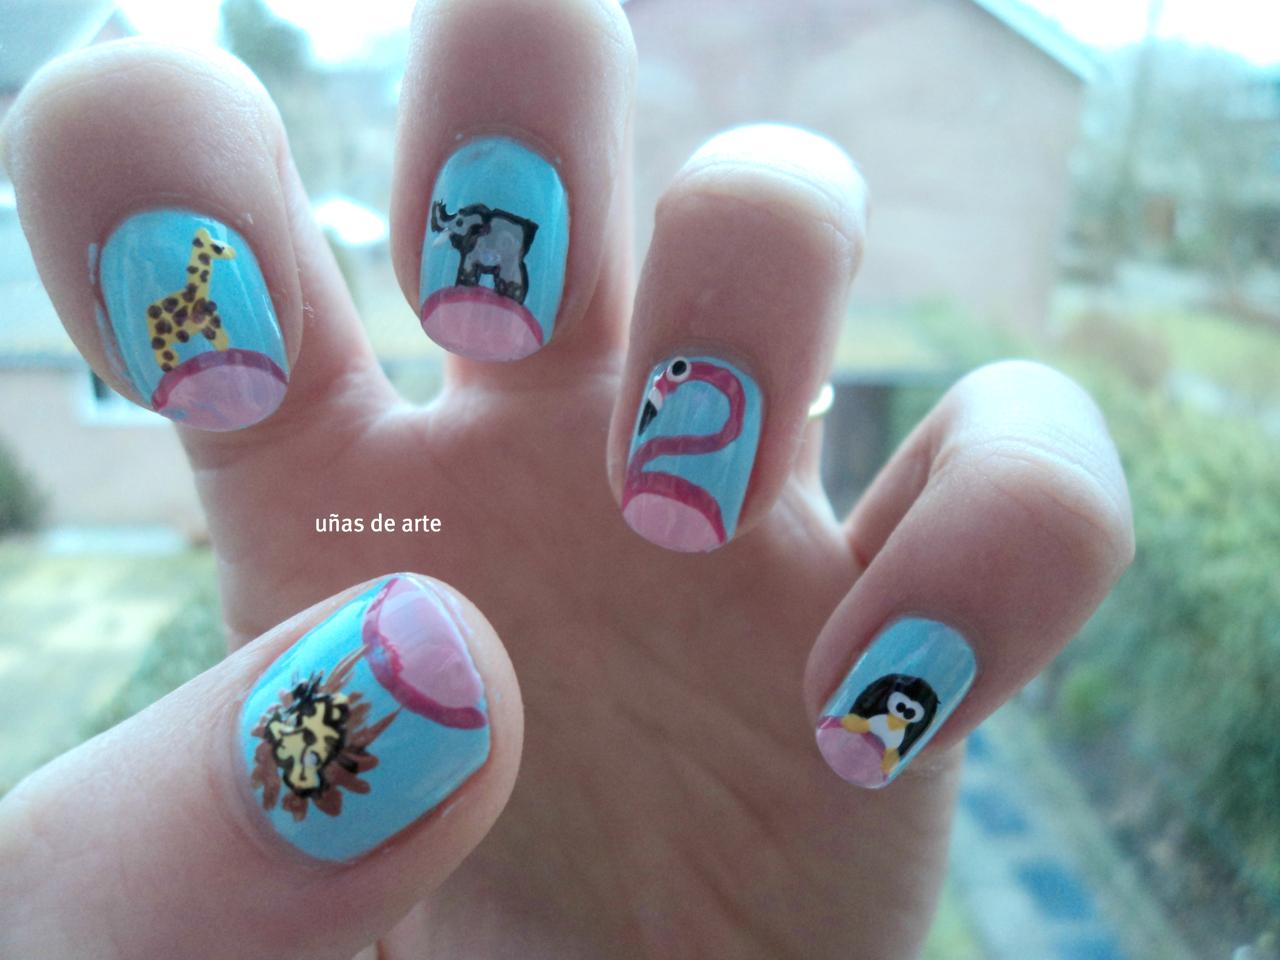 Animal Nails Uas De Arte